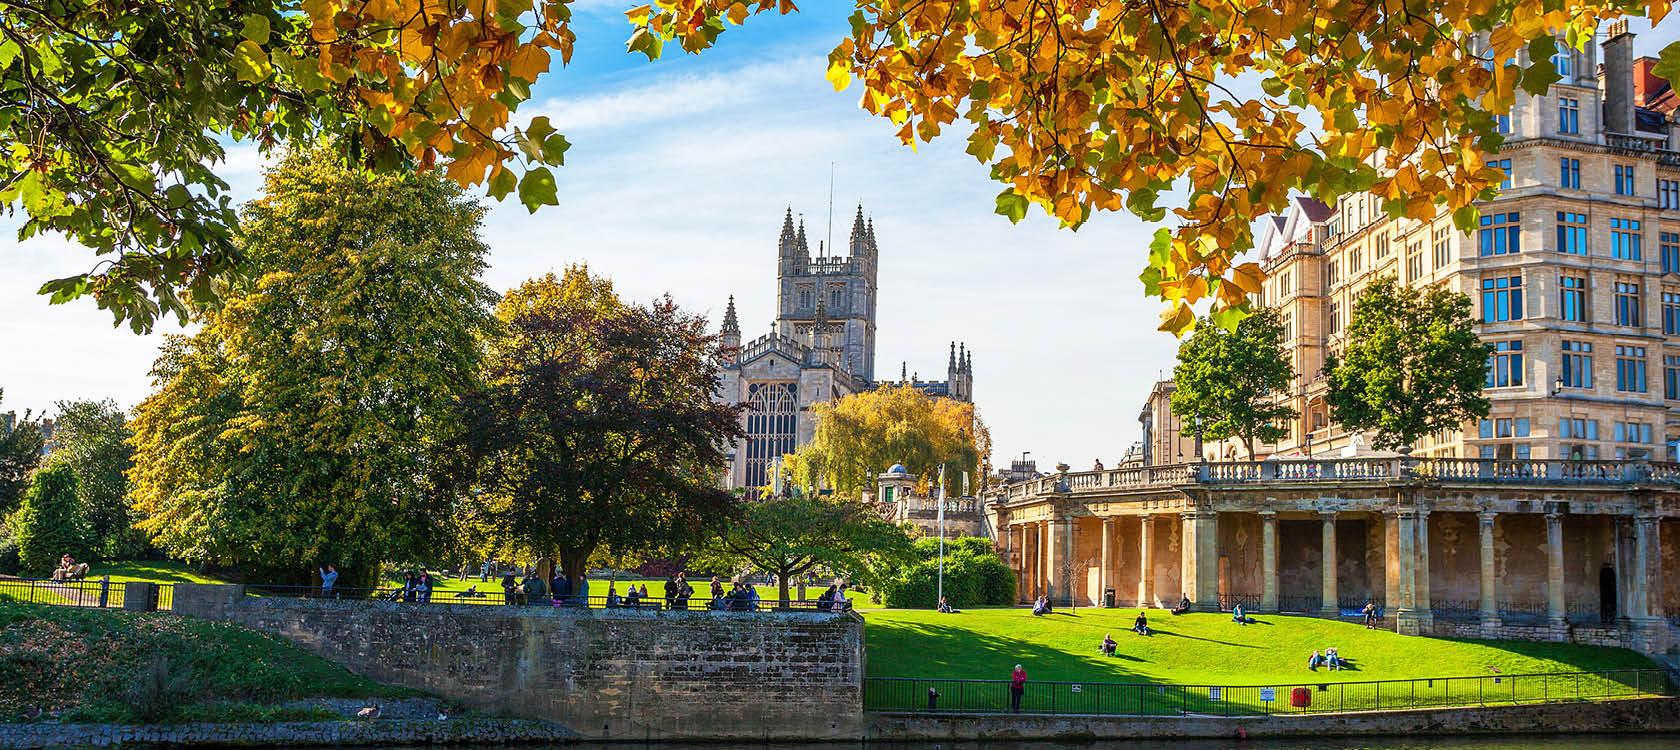 upplev stonehedge, bath, universitetsstaden oxford och highclere castle på resa till england